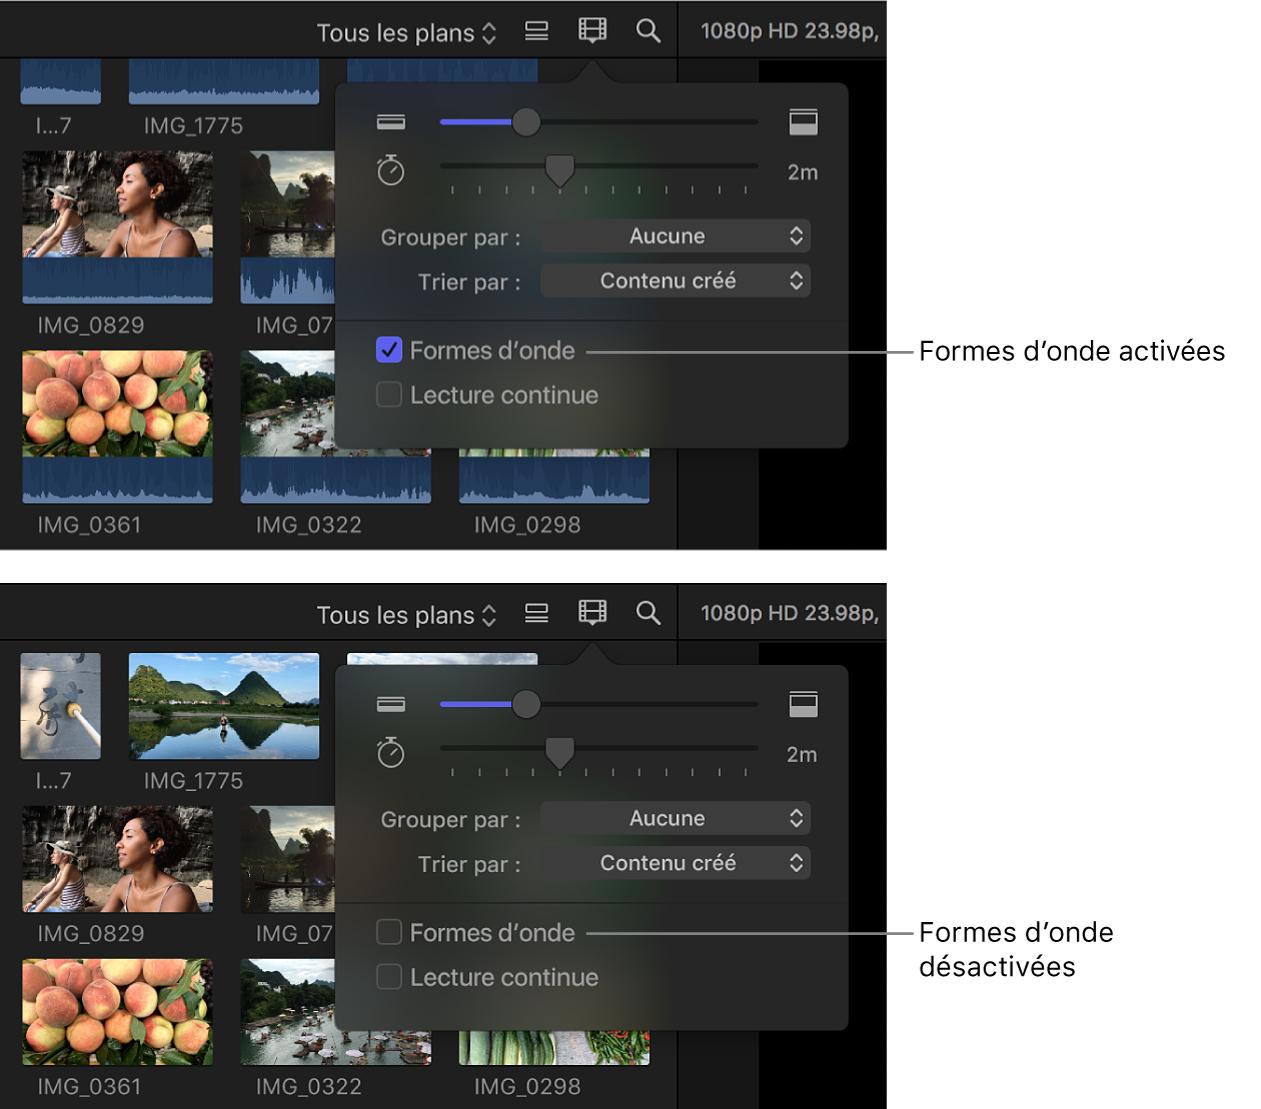 Pellicules dans le navigateur avant et après la désactivation des formes d'onde audio à l'aide de la case Formes d'onde